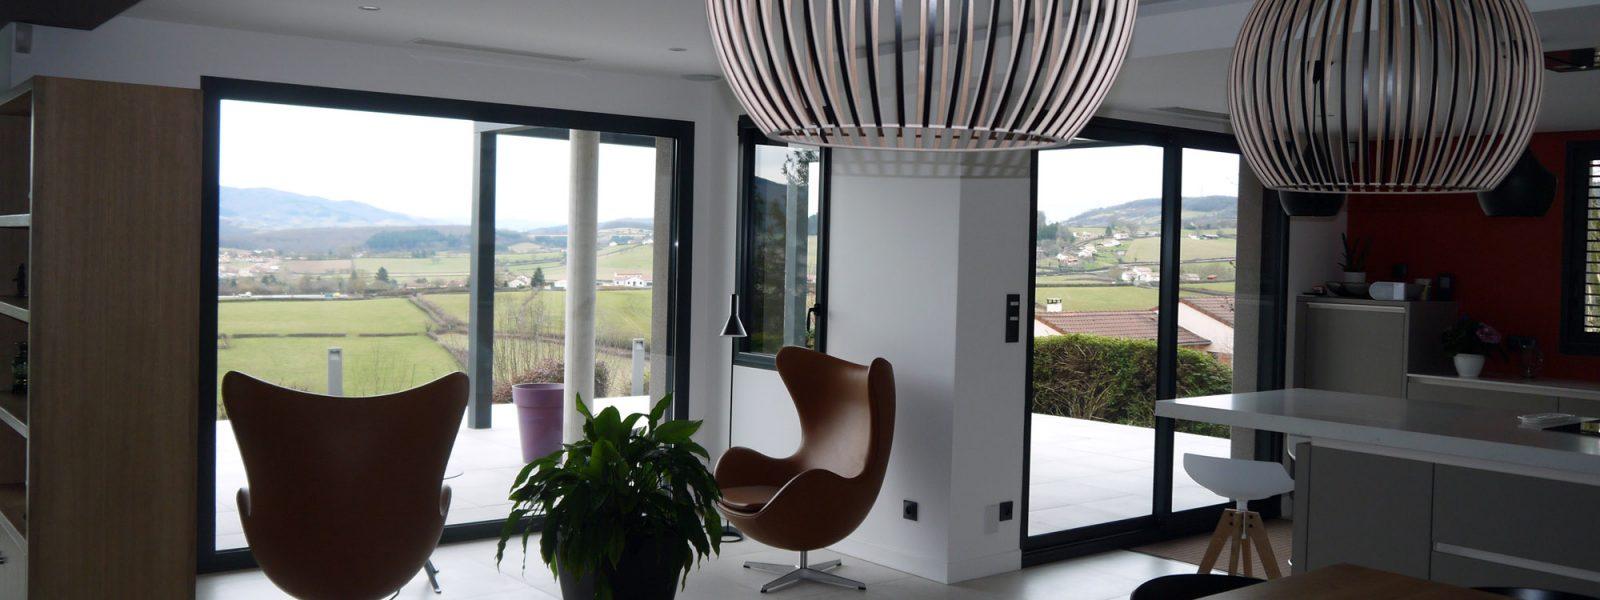 Bruno Bini - Architecte d'intérieur - Une mission complète ...